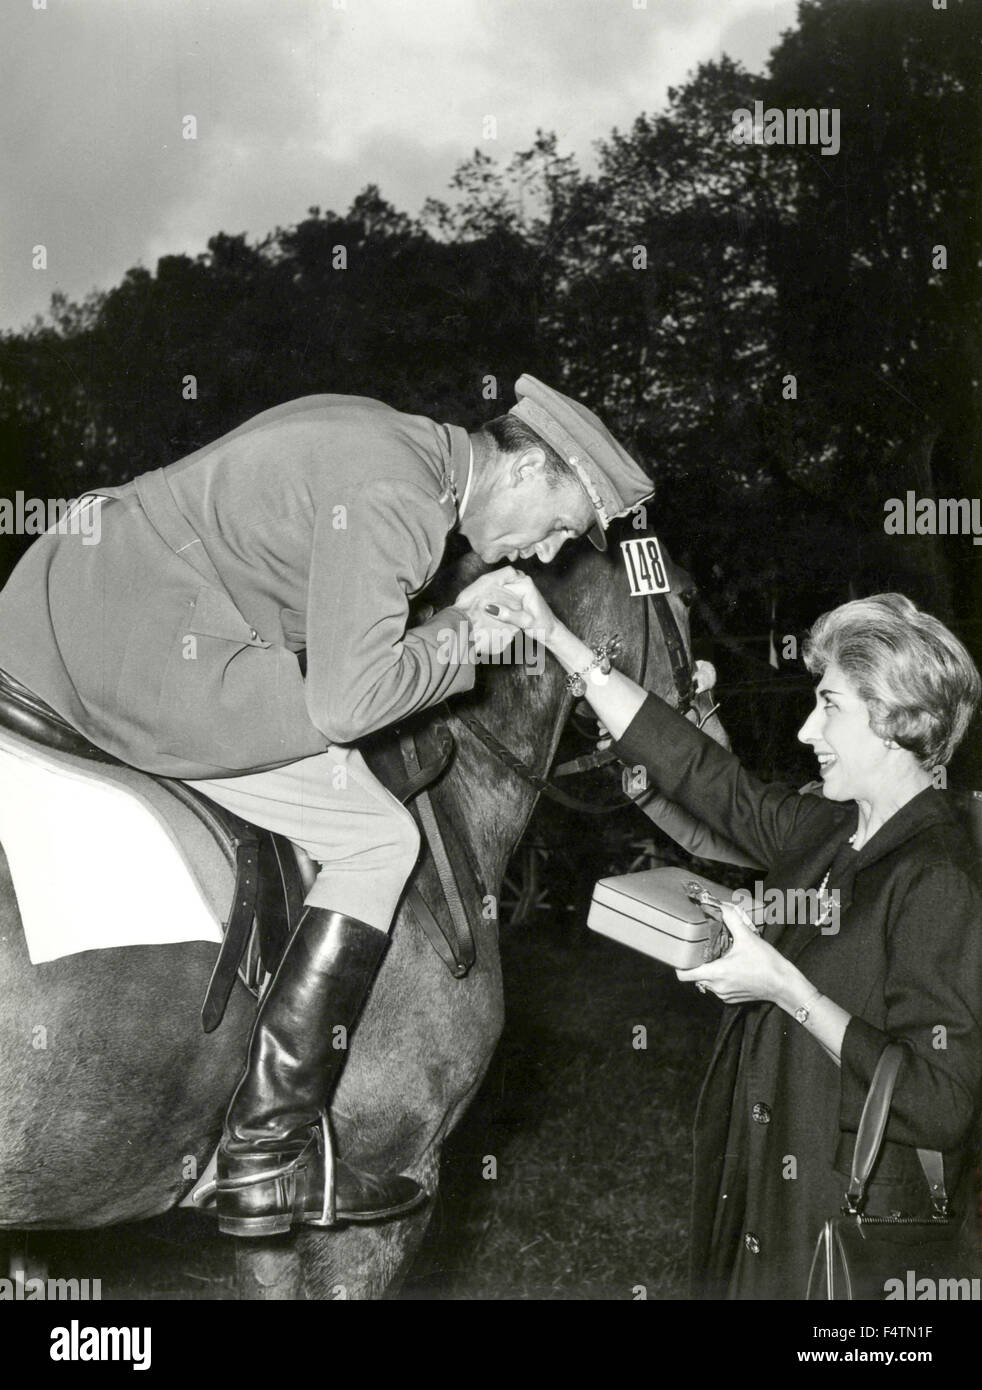 Un poliziotto a cavallo baci la mano di una signora Immagini Stock